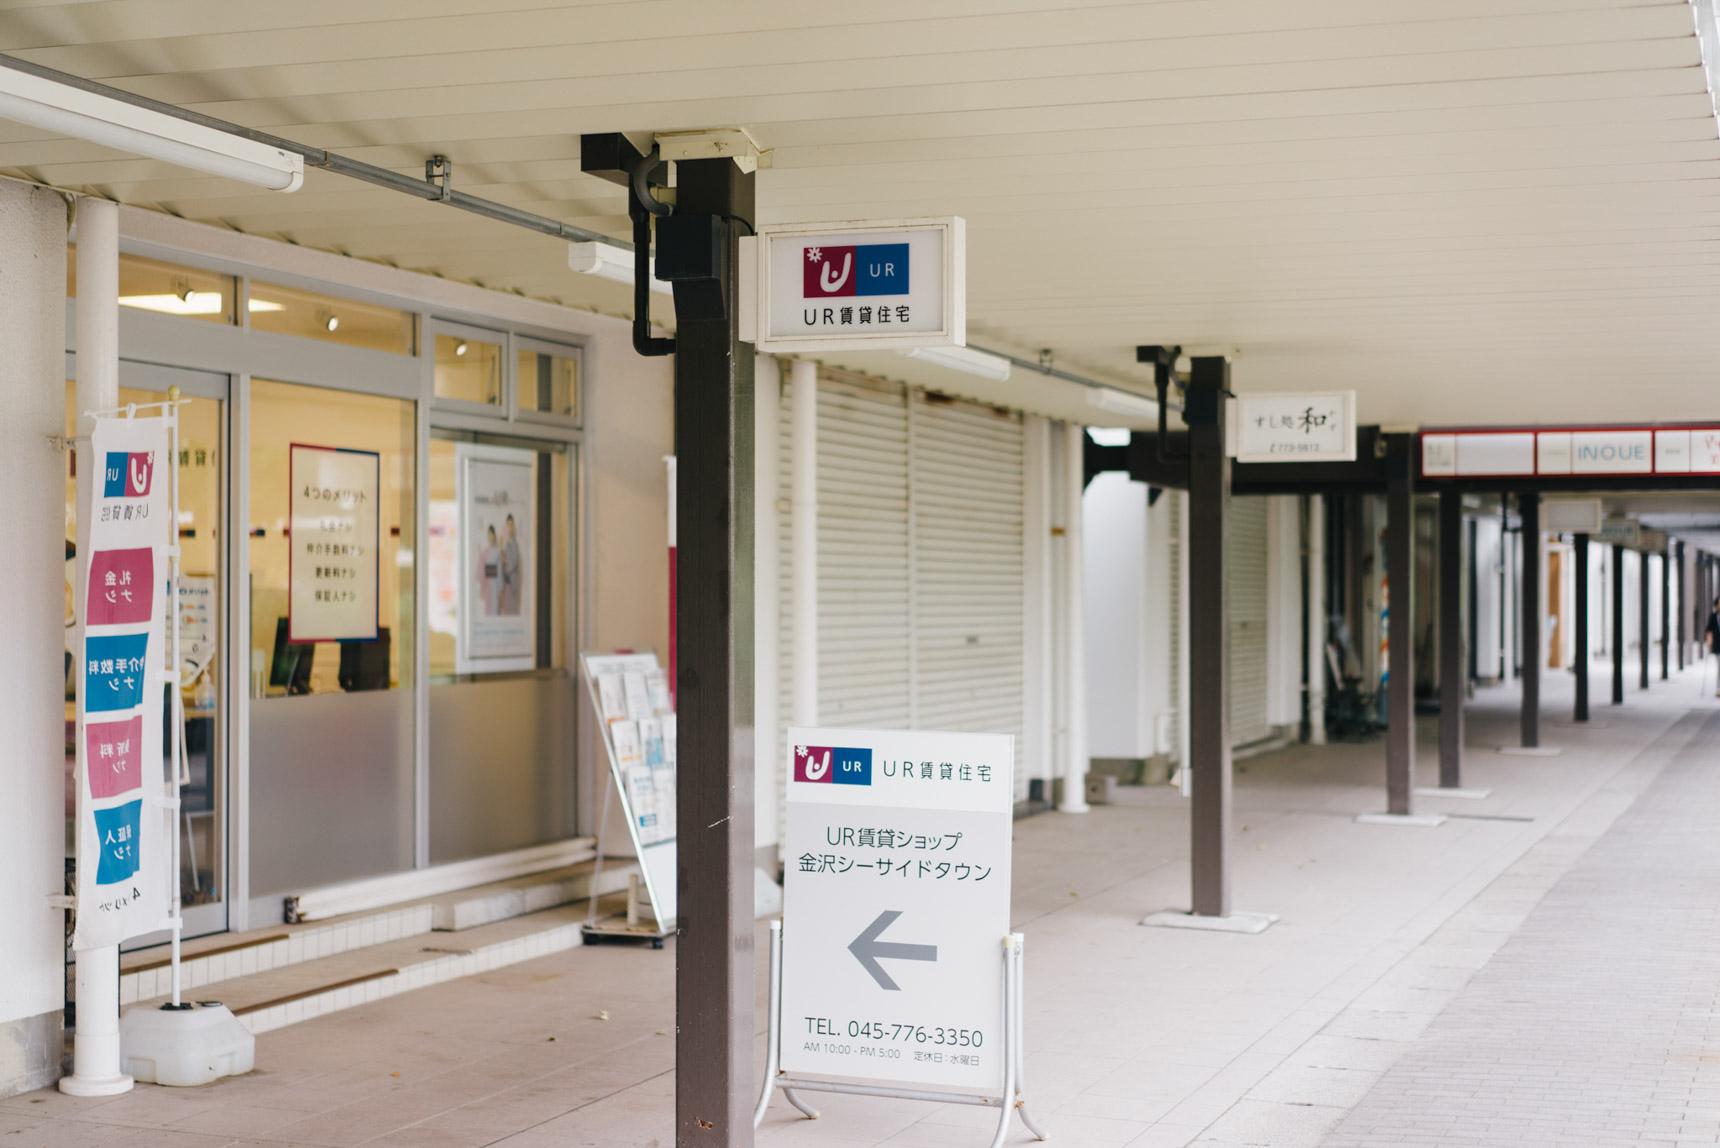 今回お伺いしたのは、UR賃貸ショップ金沢シーサイドタウン。横浜市金沢区にあるUR賃貸住宅のお部屋を案内してもらえる店舗です。